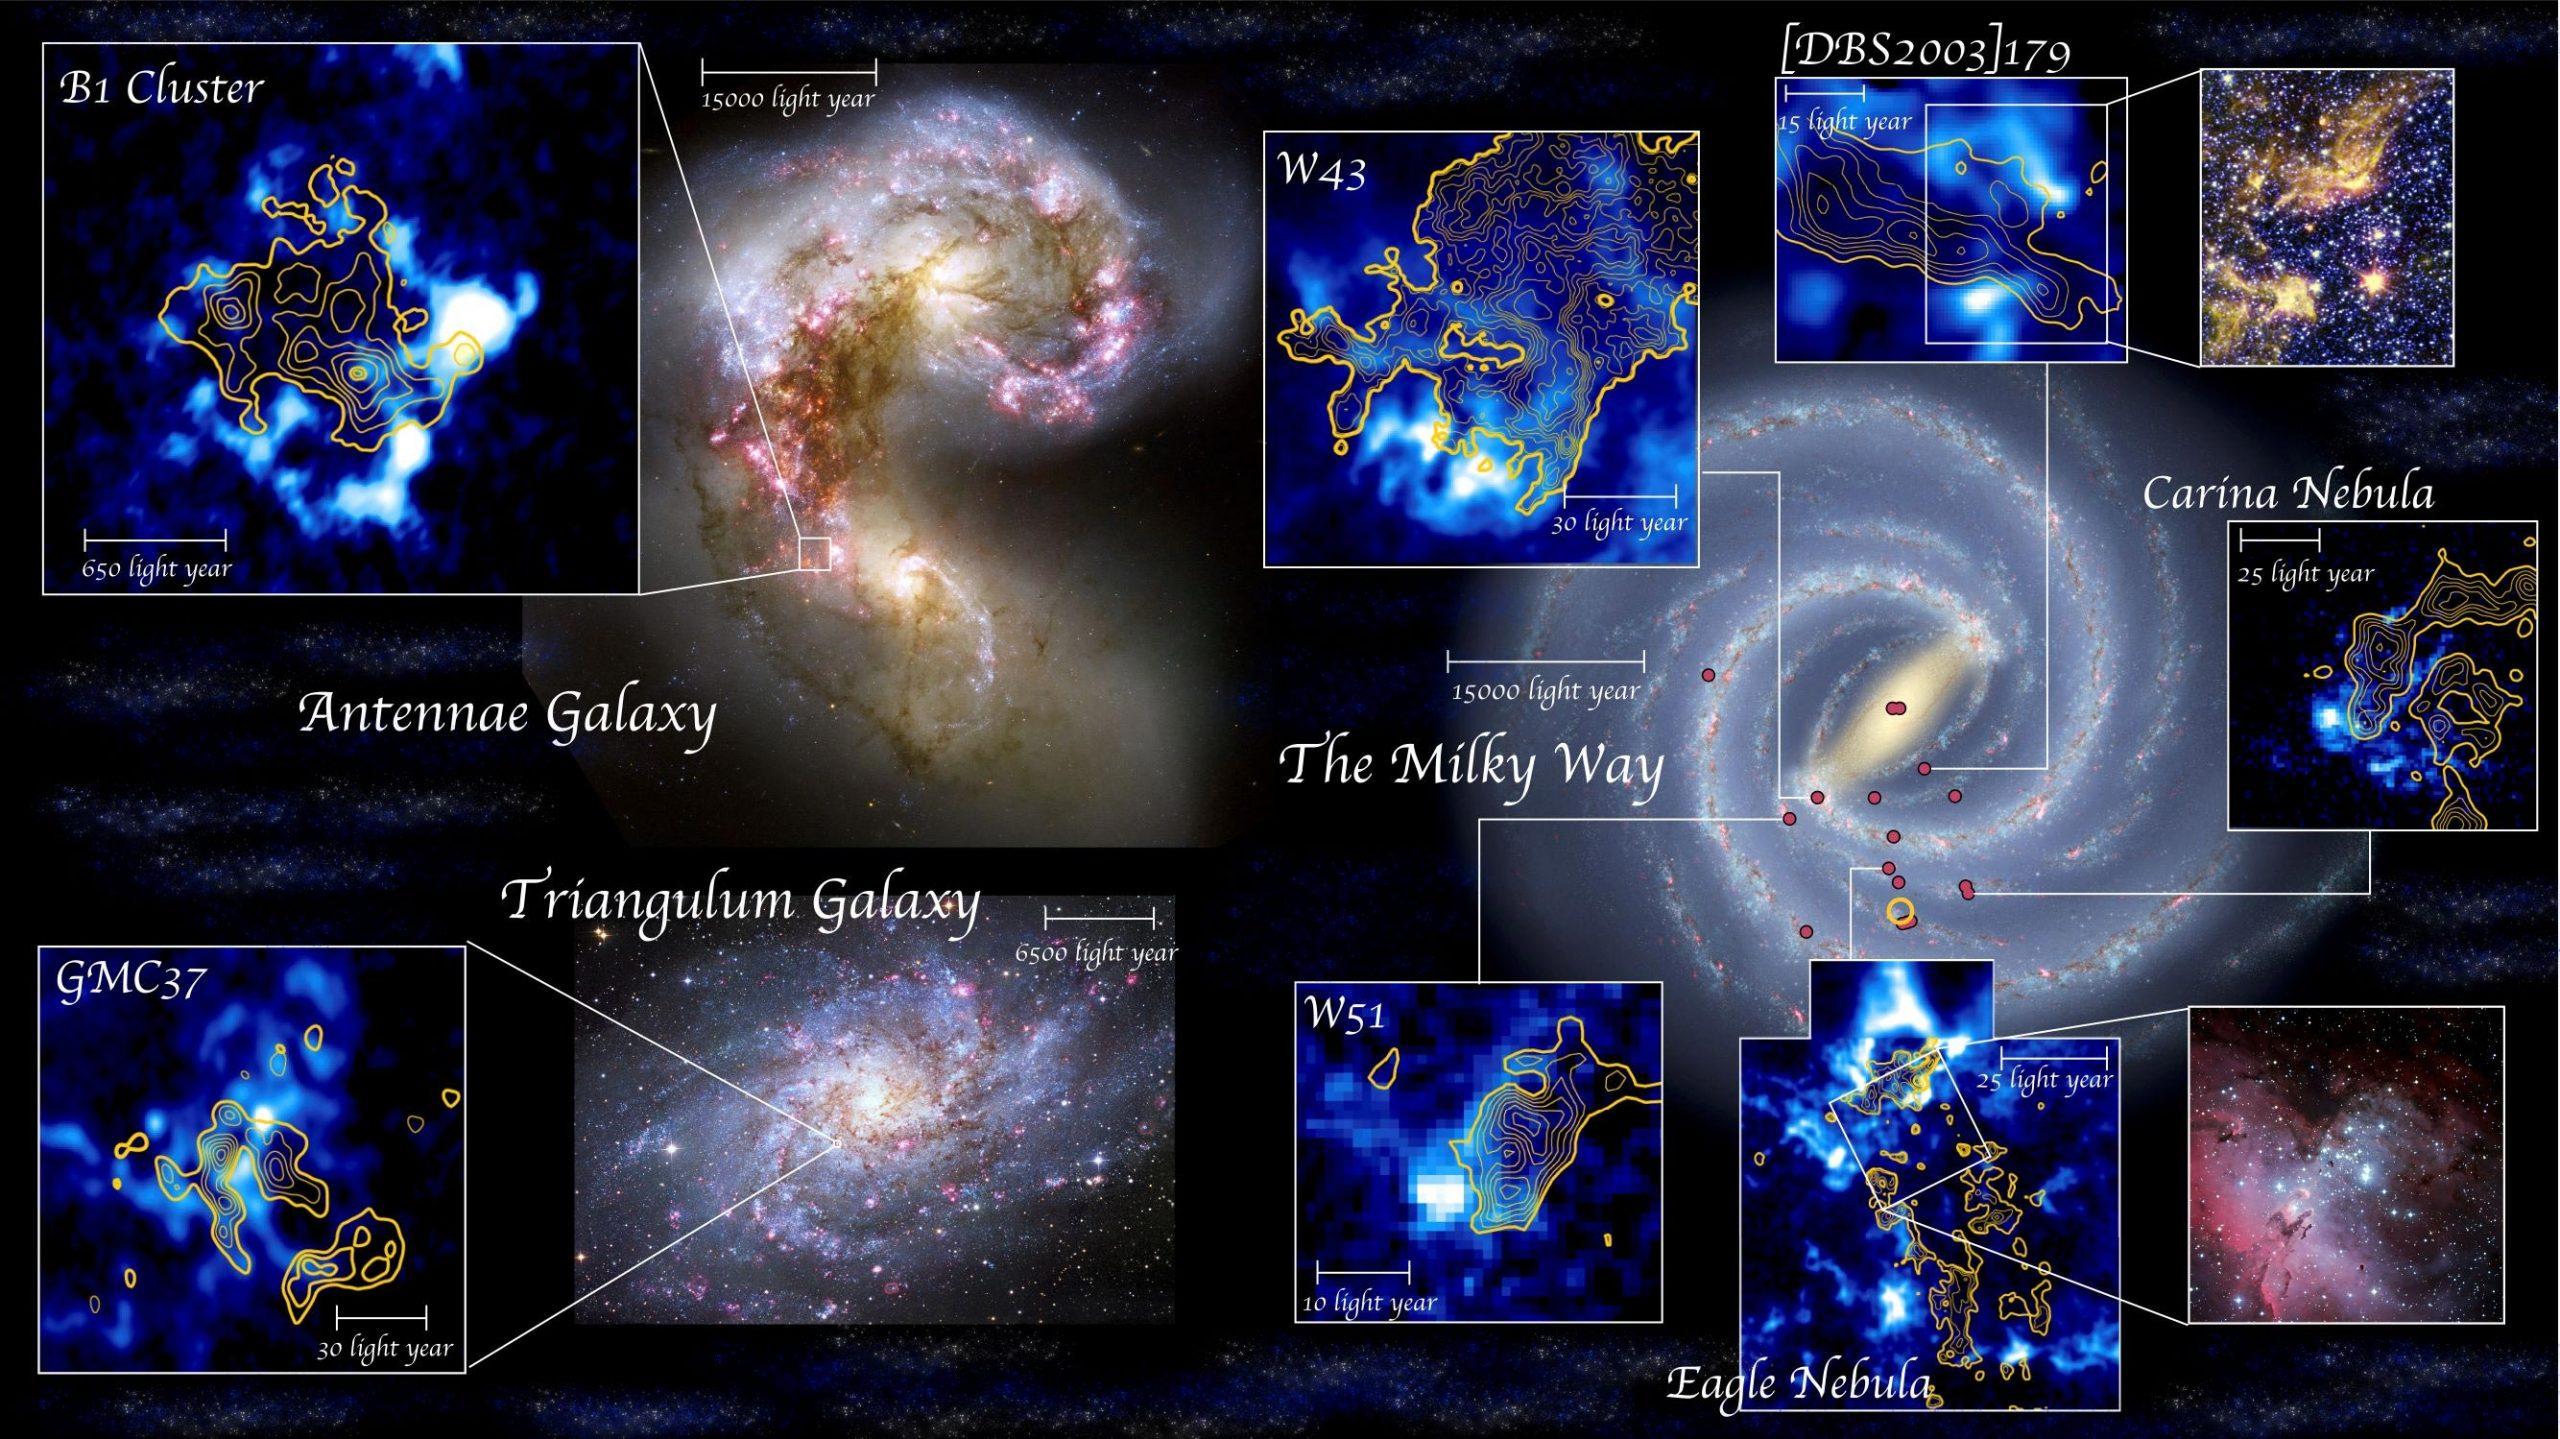 日本研究人员发现盘旋在太空中的气体云的碰撞带来了星团的诞生